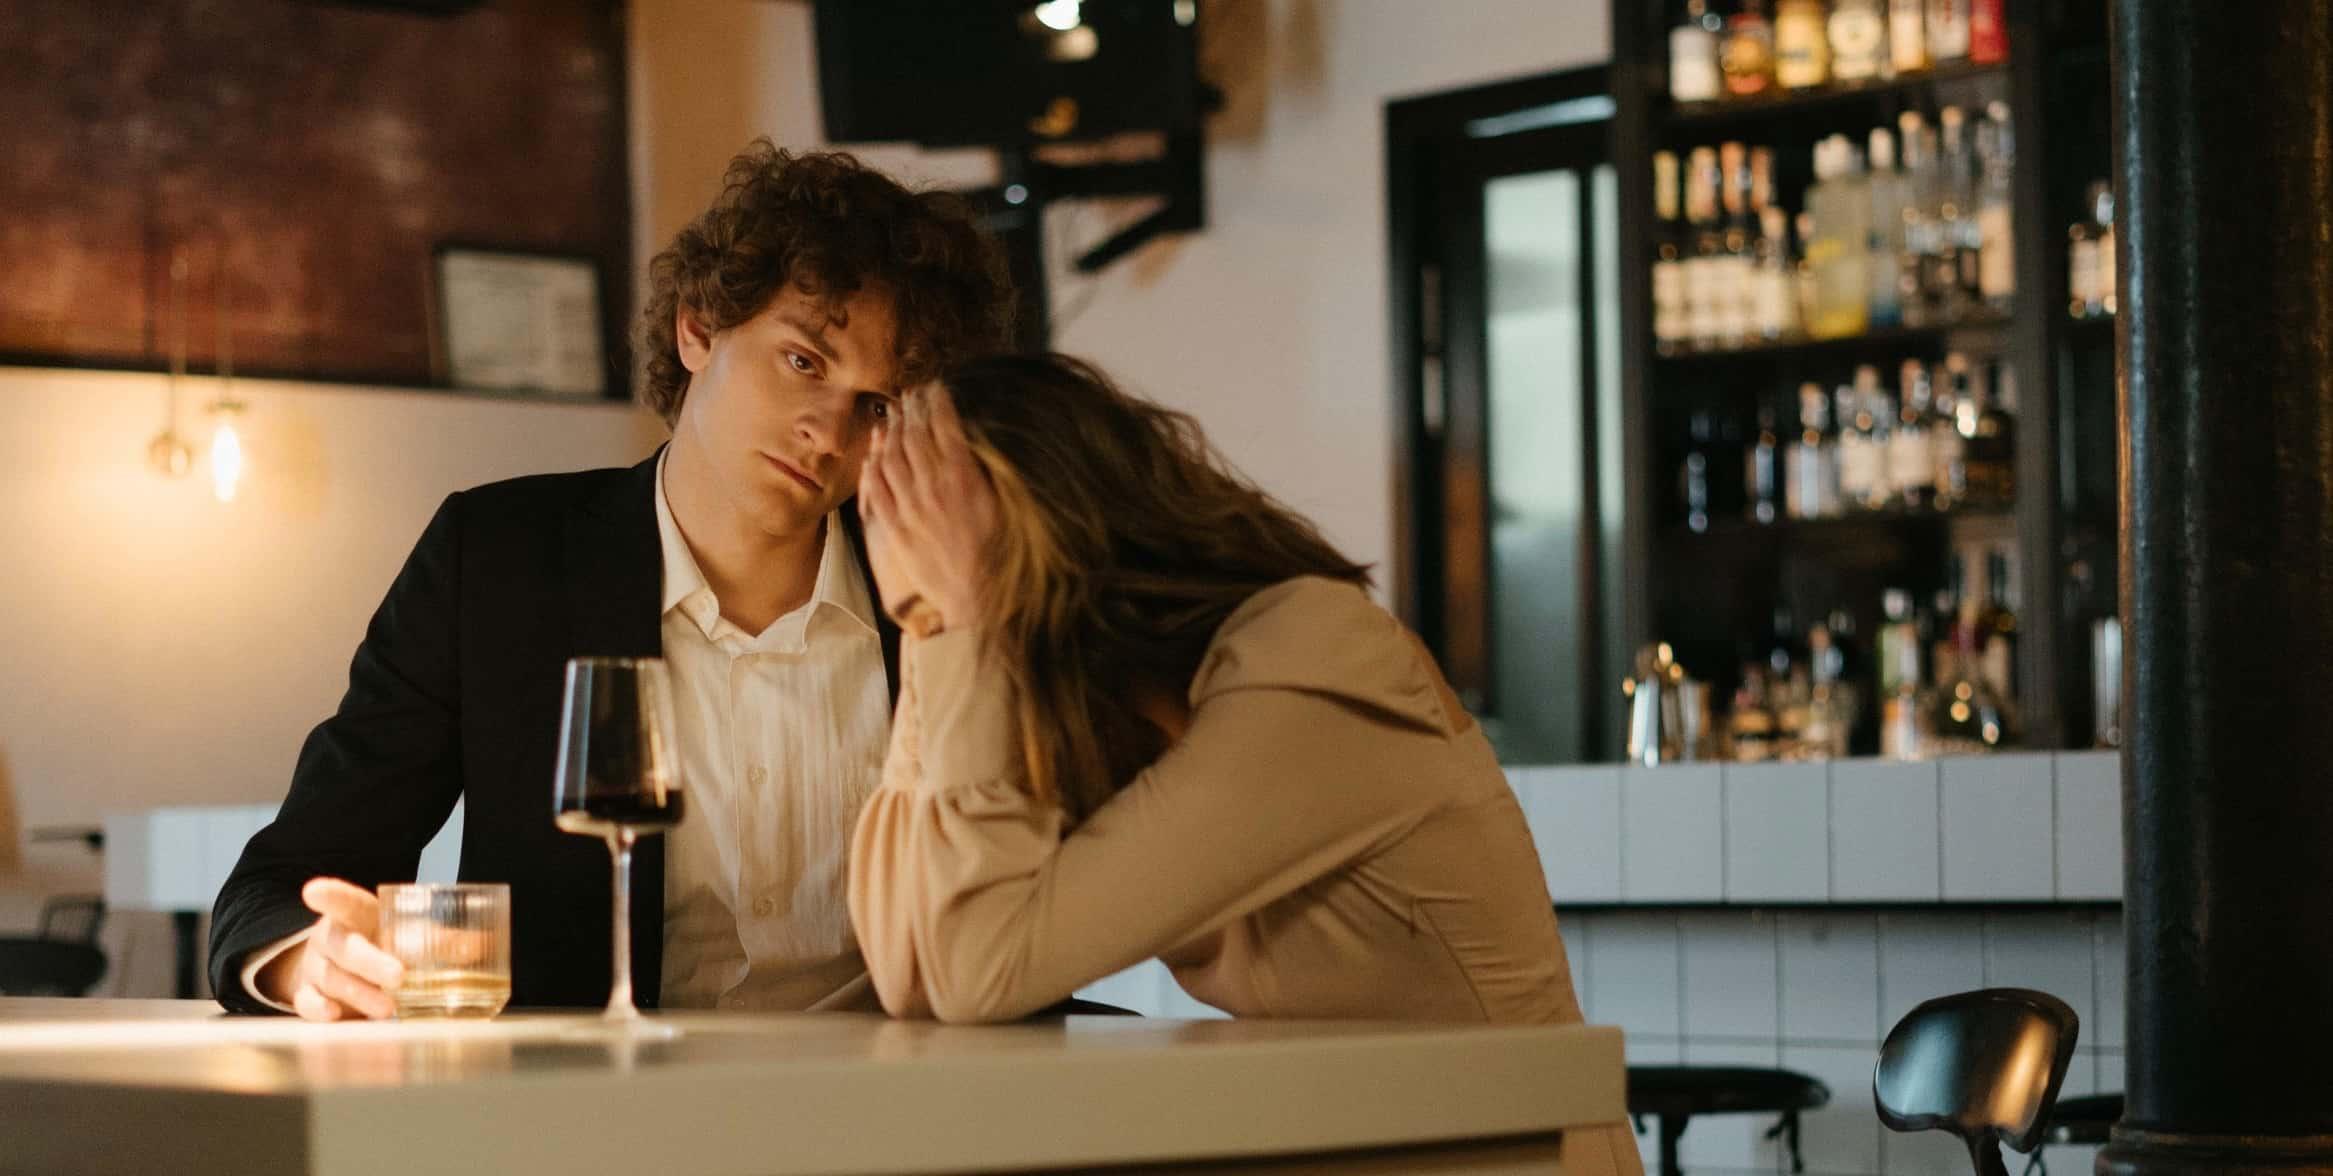 Consecuencias celos, celos pareja, psicología para la mujer, Serena Psicología, celos, tratamiento para celos